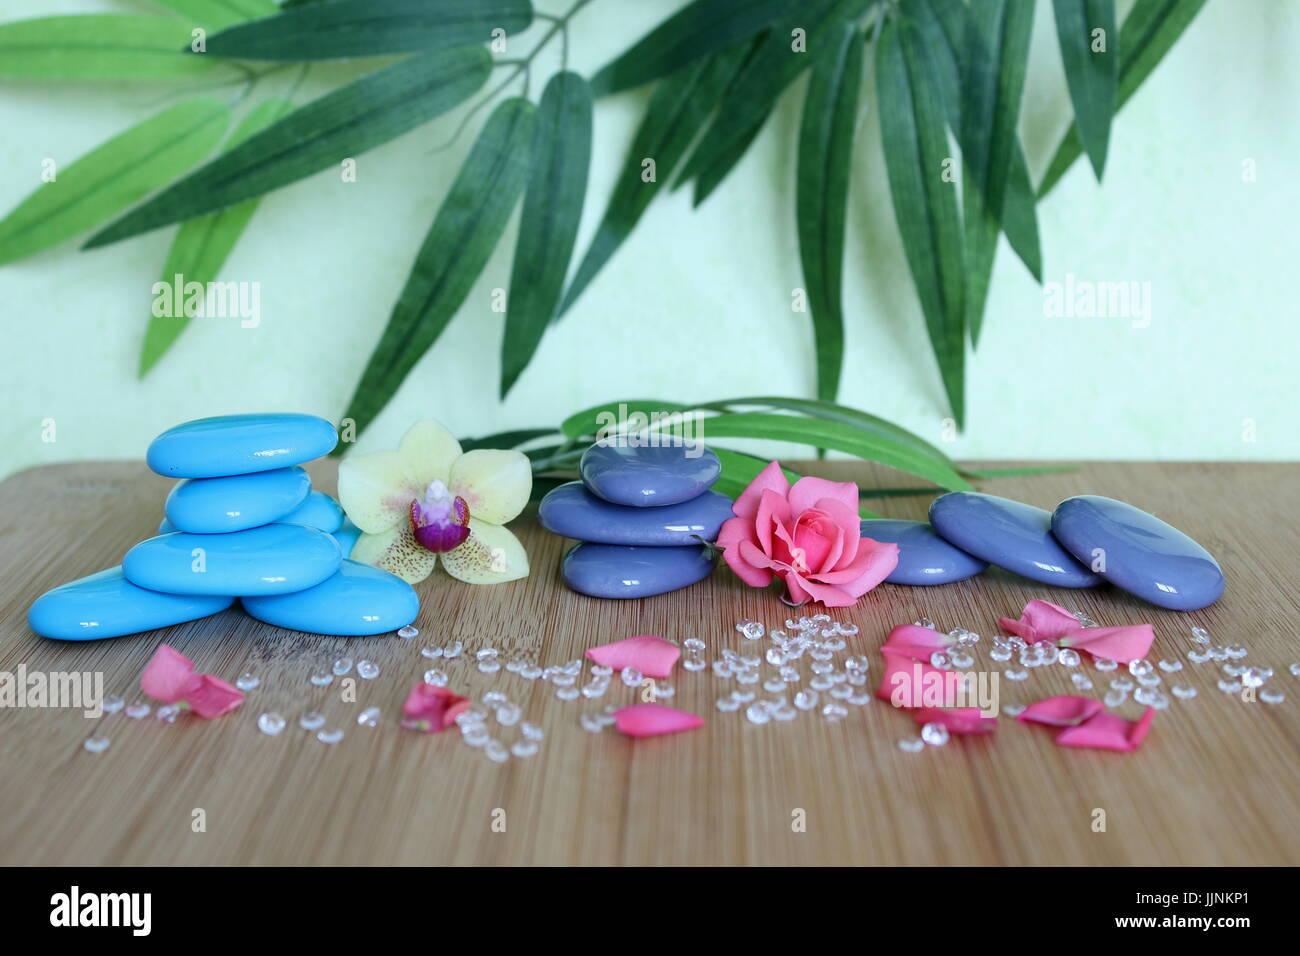 Dekorative Kieselsteine In Einem Zen Leben Mode Auf Einem Bambus